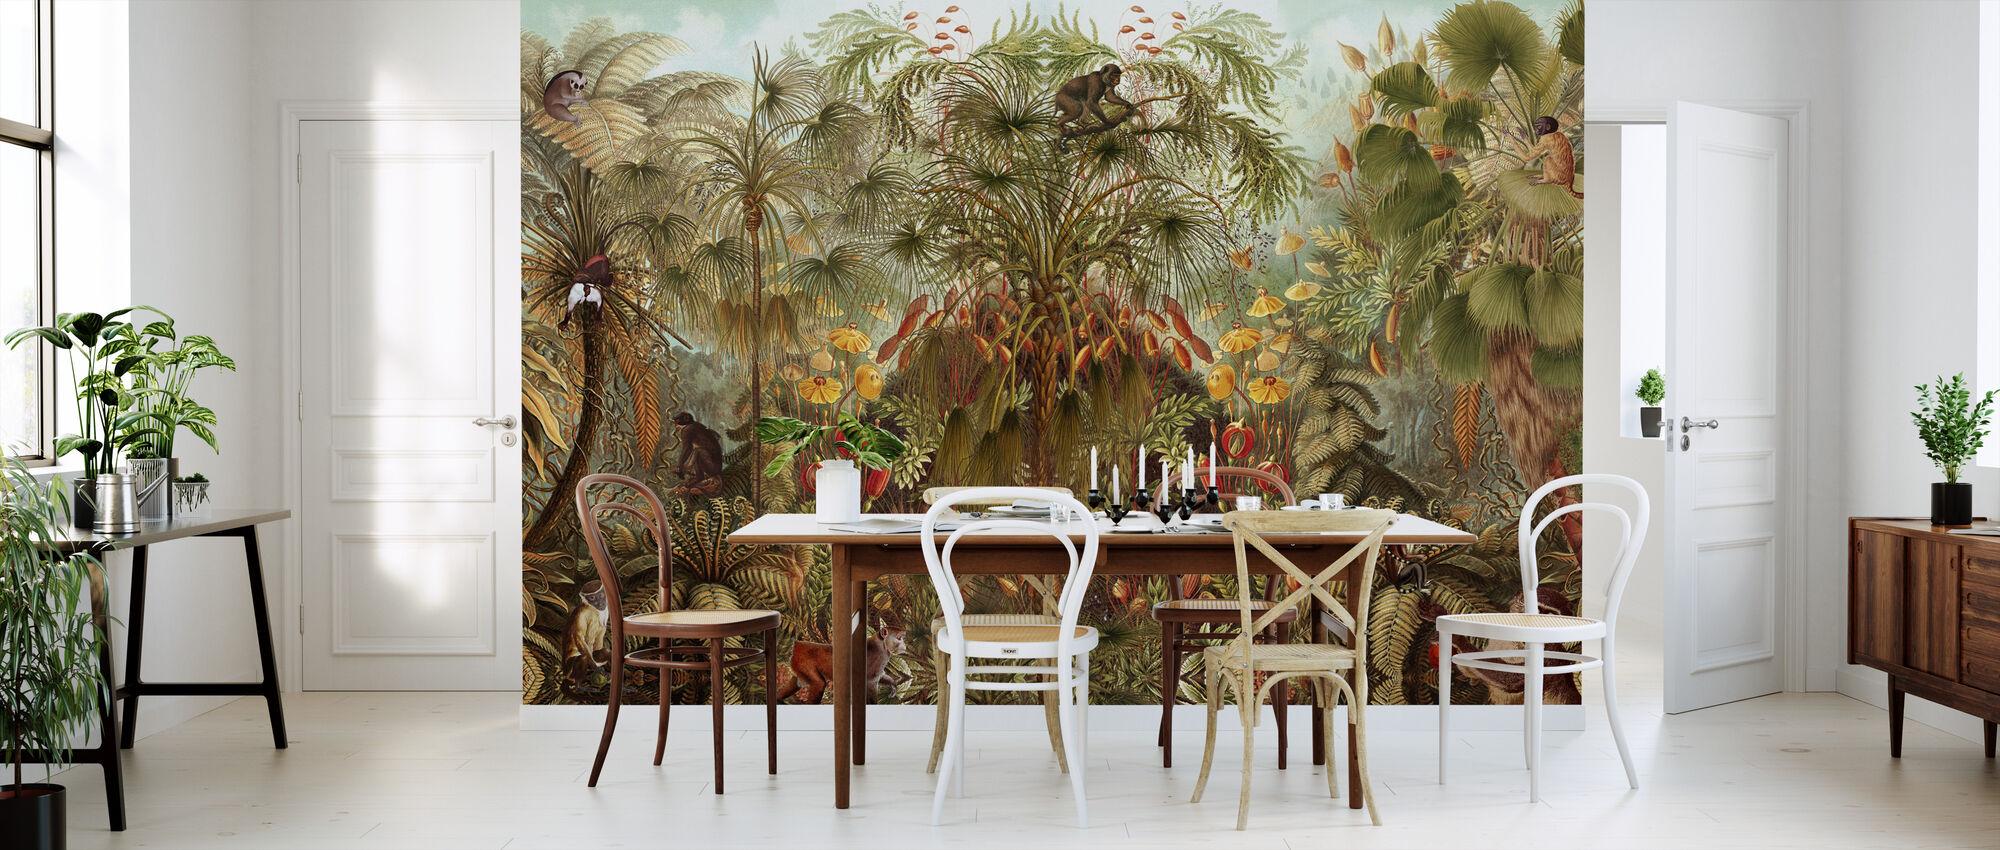 Monkey See Monkey Wah - Wallpaper - Kitchen